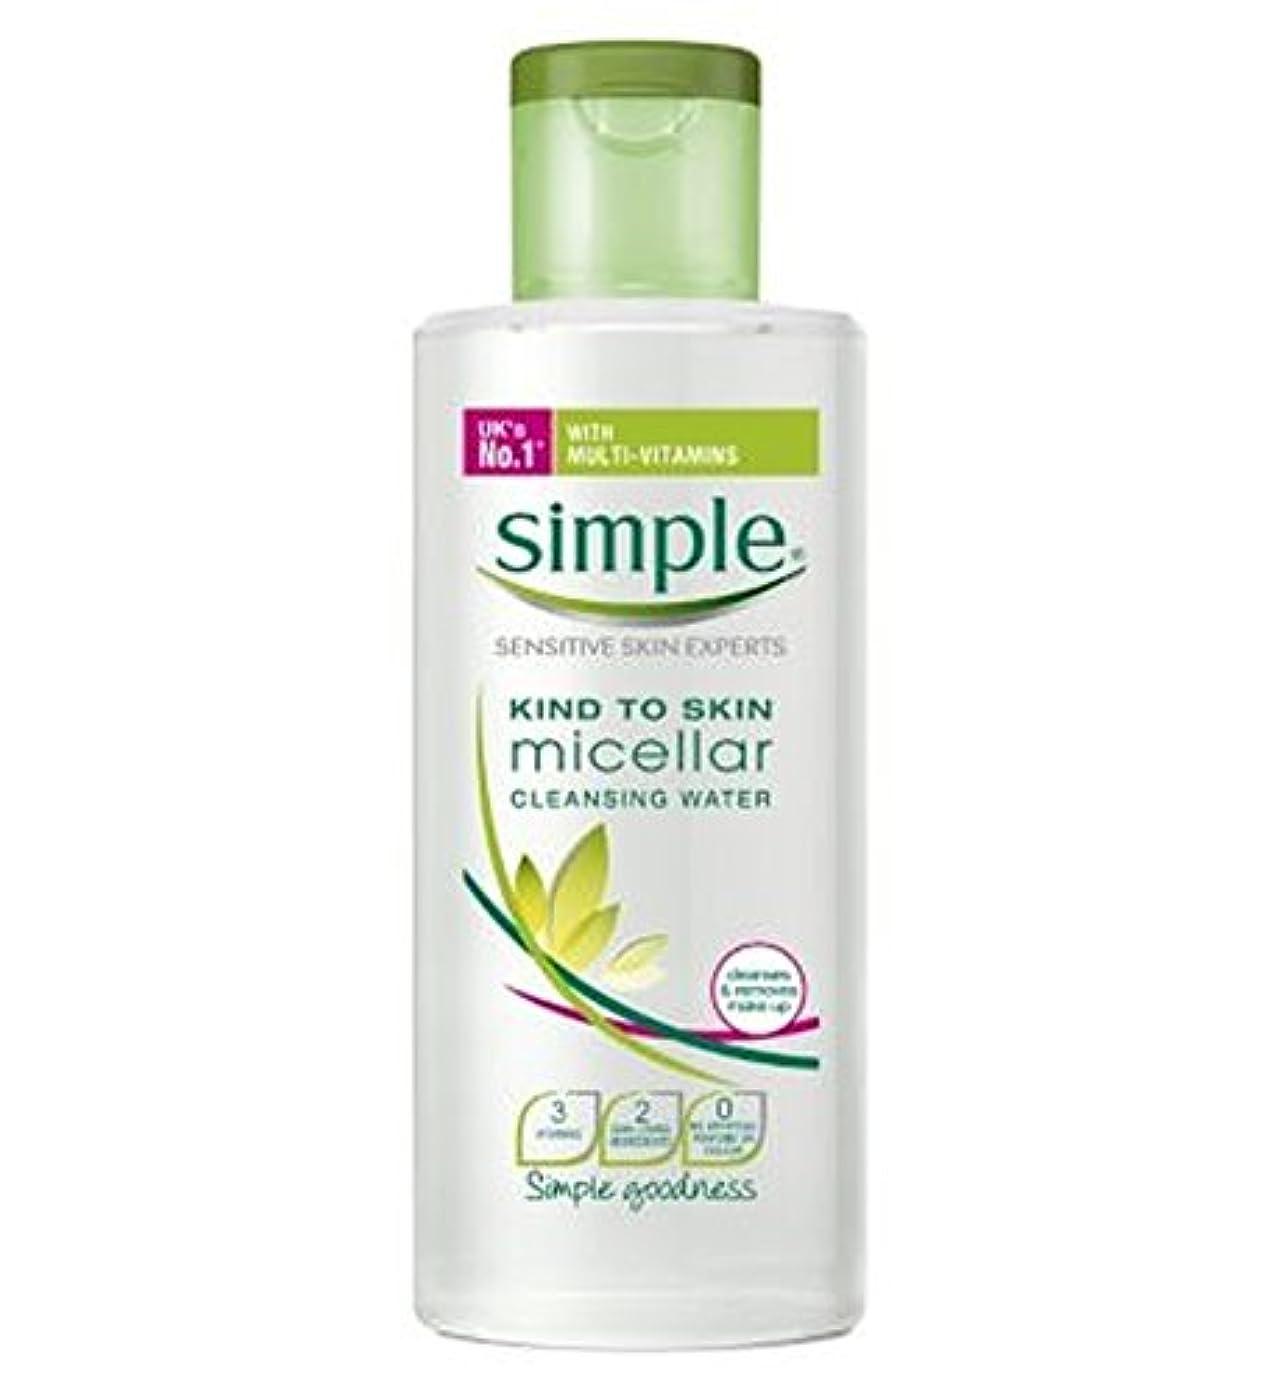 伝染性のダッシュ防止Simple Kind To Skin Micellar Cleansing Water 200ml - 皮膚ミセル洗浄水200ミリリットルに簡単な種類 (Simple) [並行輸入品]